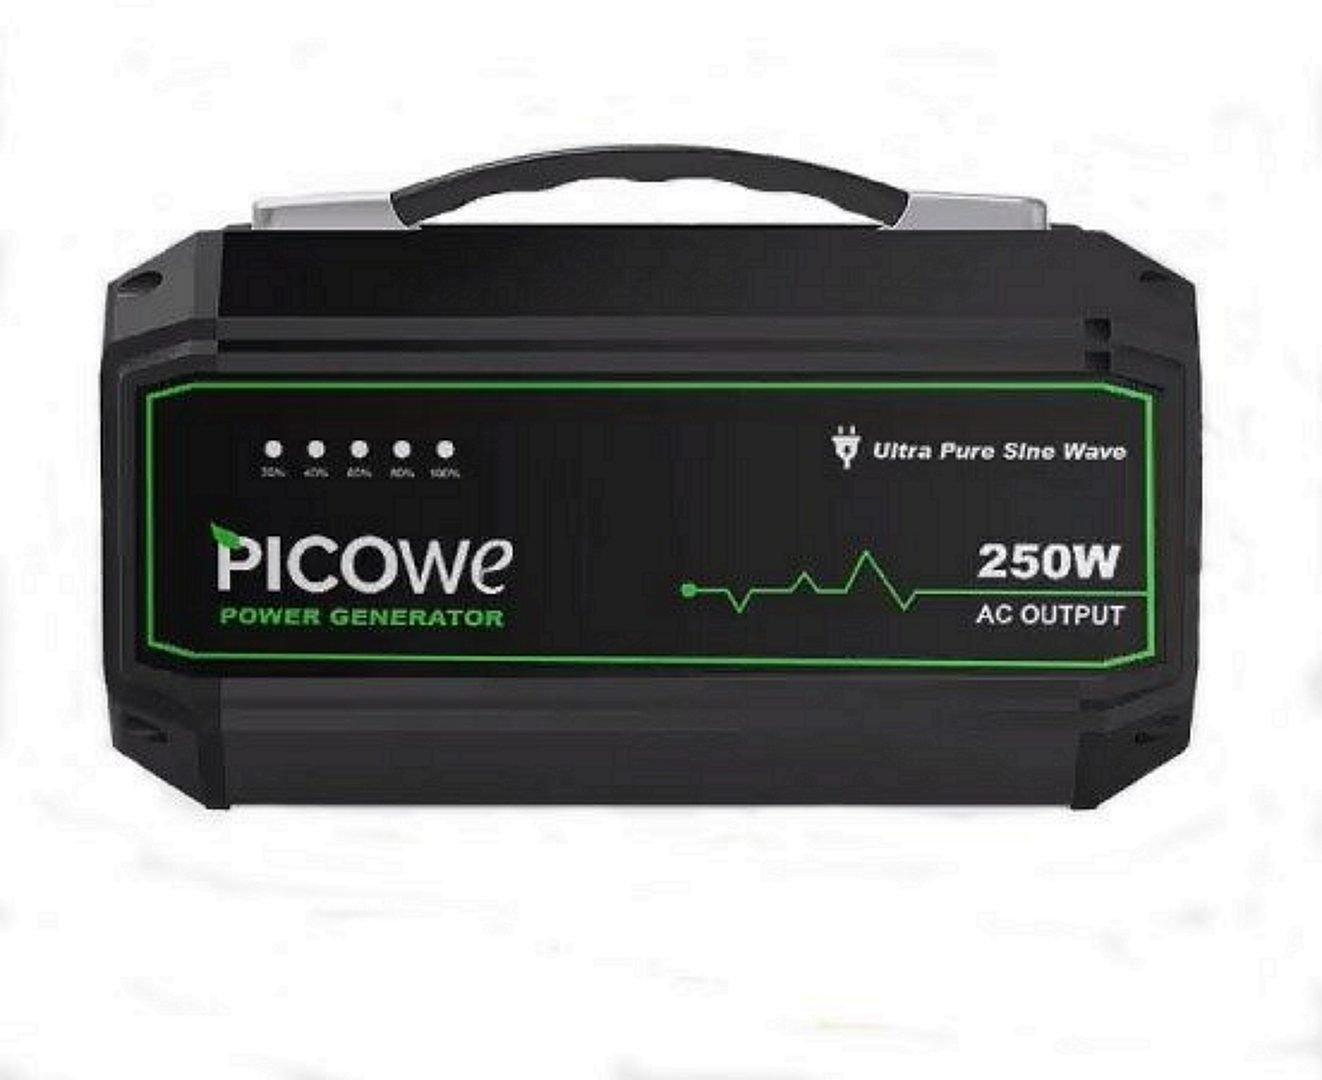 PICOWE 250W Portable Power Station